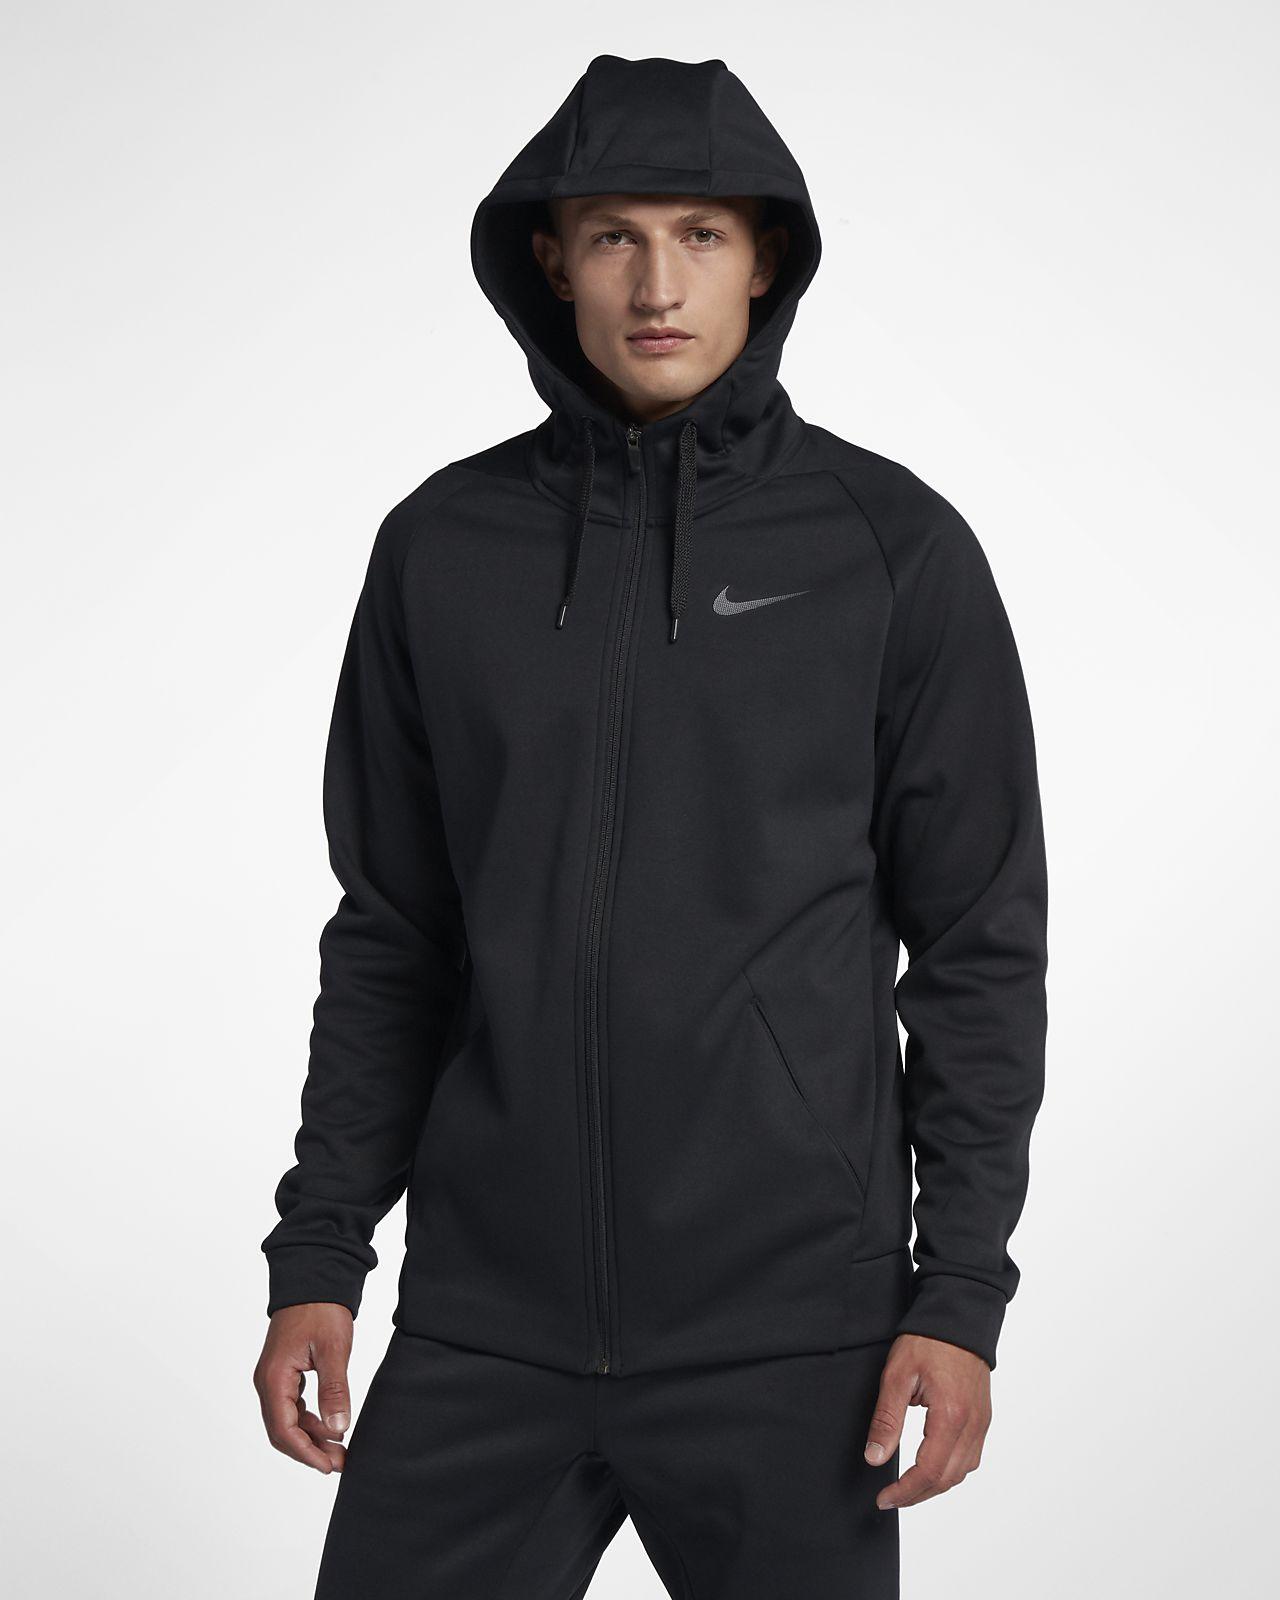 nike hoodie 4x